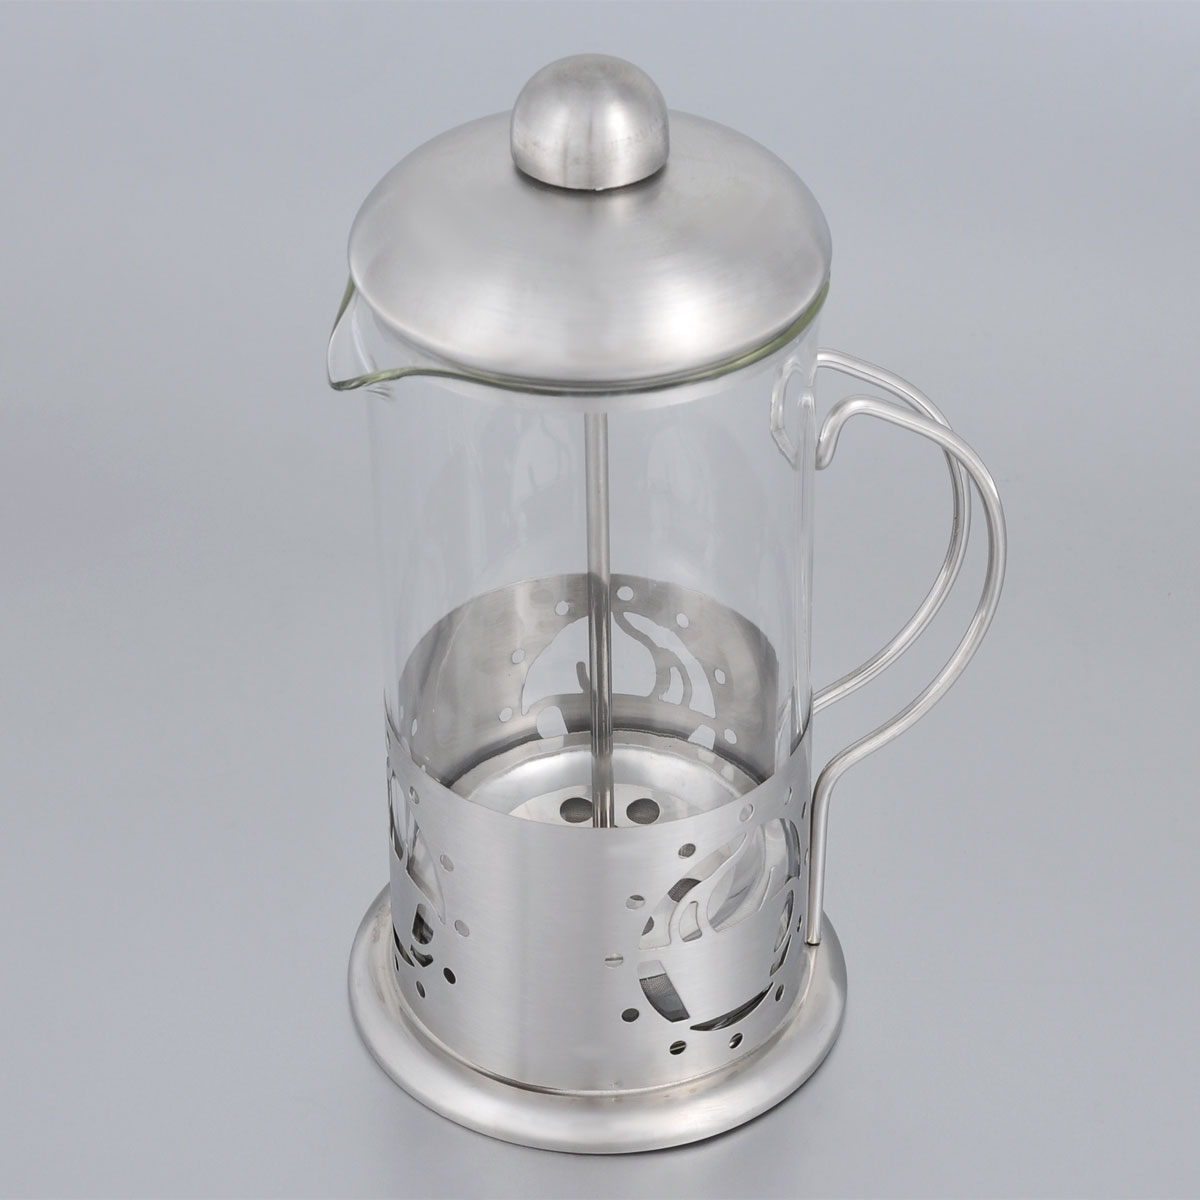 Френч-пресс Bohmann, 350 мл. 9535BH54 009312Френч-пресс Bohmann используется для заваривания крупнолистового чая, кофе среднего помола, травяных сборов. Изготовлен из высококачественной нержавеющей стали и термостойкого стекла, выдерживающего высокую температуру, что придает ему надежность и долговечность. Френч-пресс Bohmann незаменим для любителей чая и кофе.Можно мыть в посудомоечной машине.Объем: 350 мл.Высота (с учетом крышки): 18 см.Диаметр (по верхнему краю): 7,5 см.